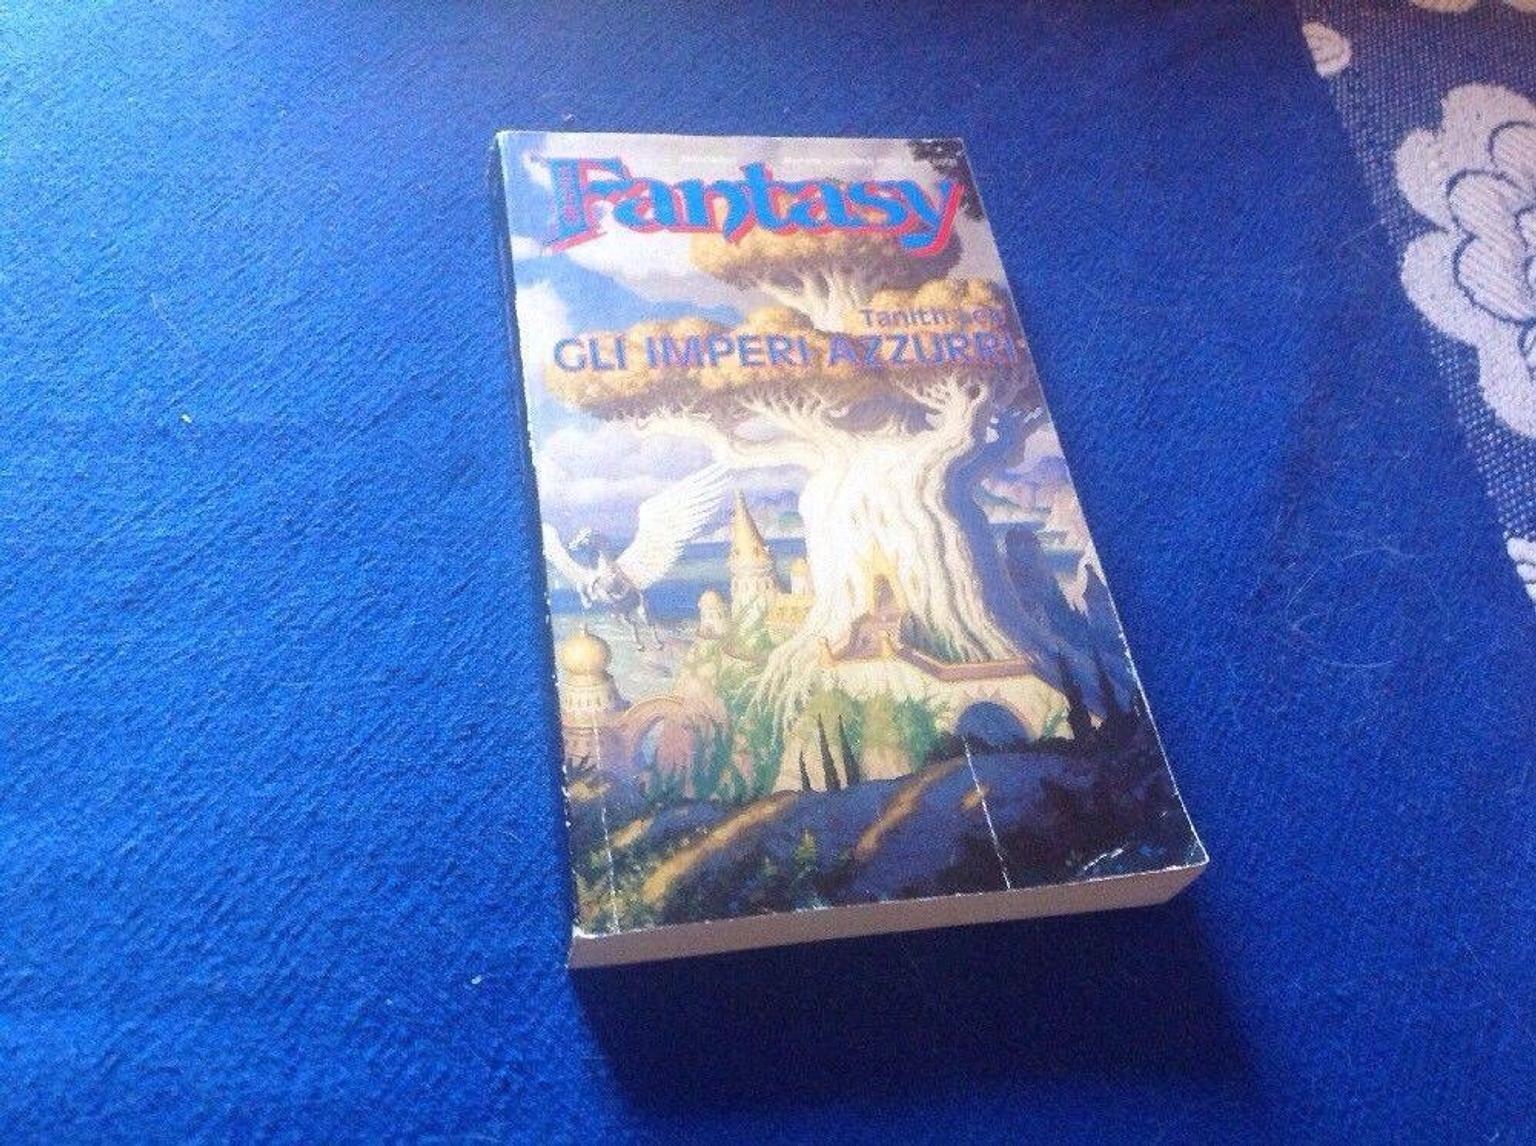 Lotto libri fantasy a 5 € l'uno